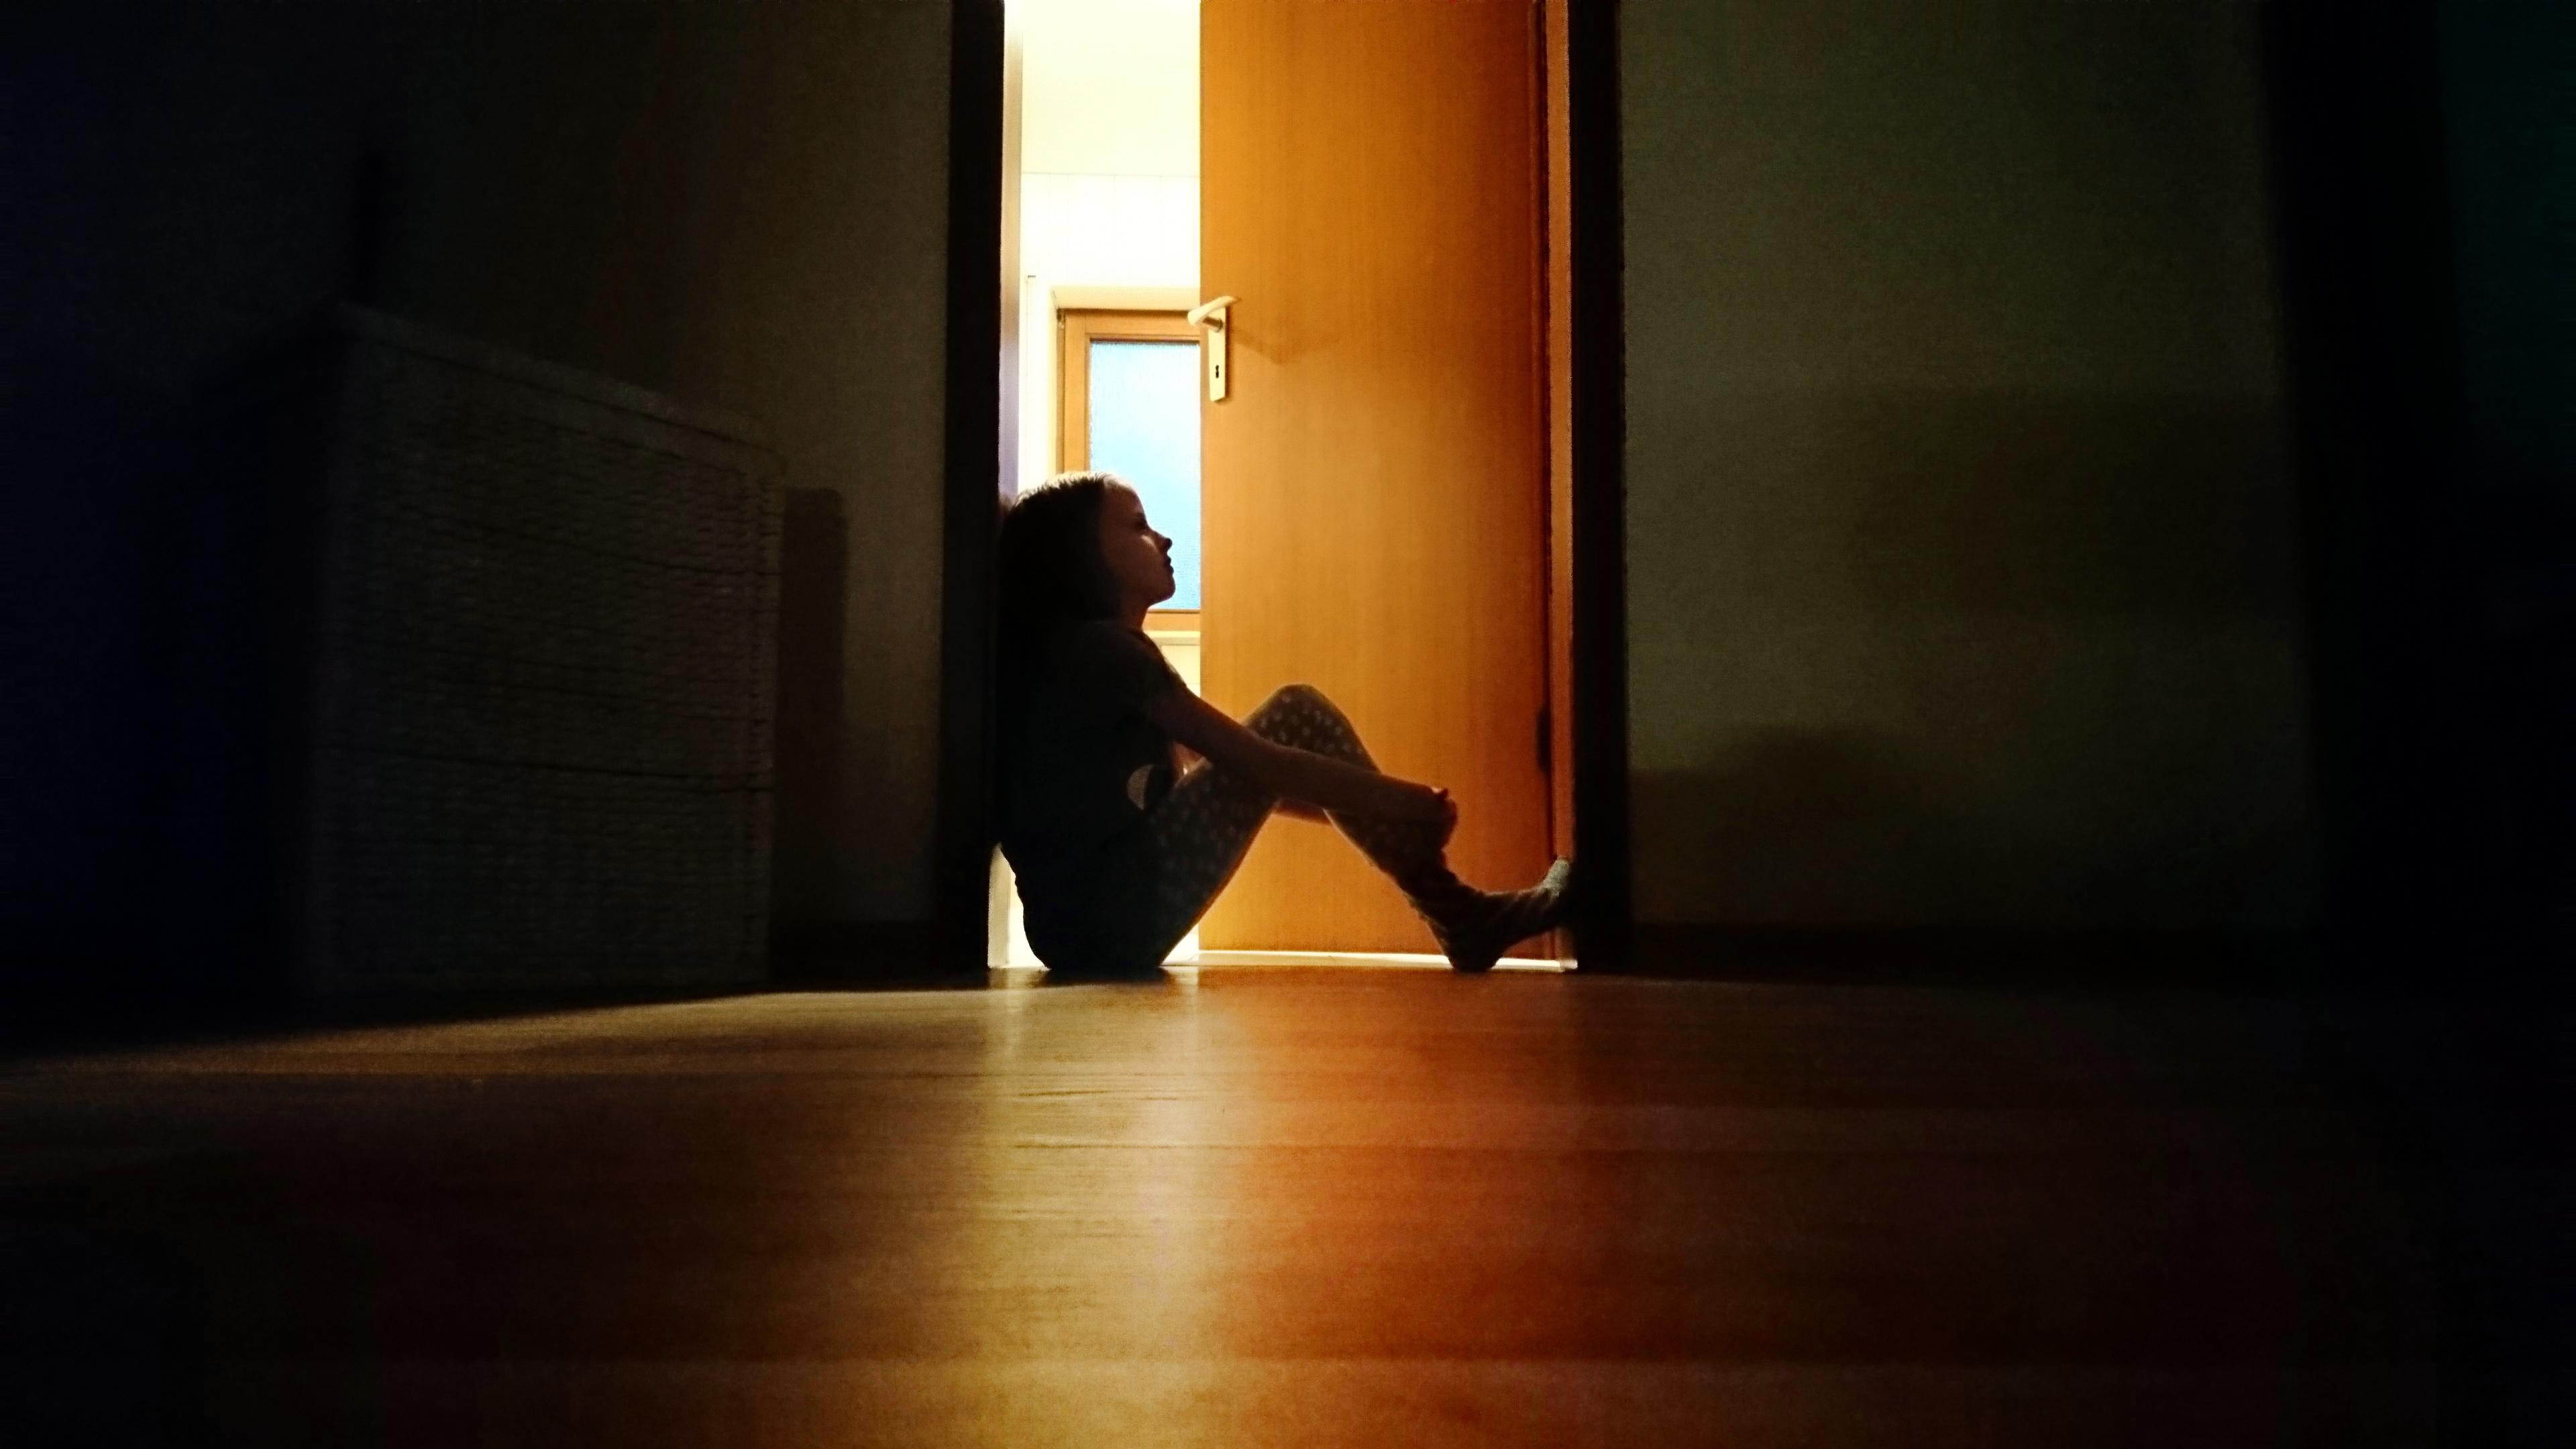 Backlit child sitting in a dark doorway in contemplation